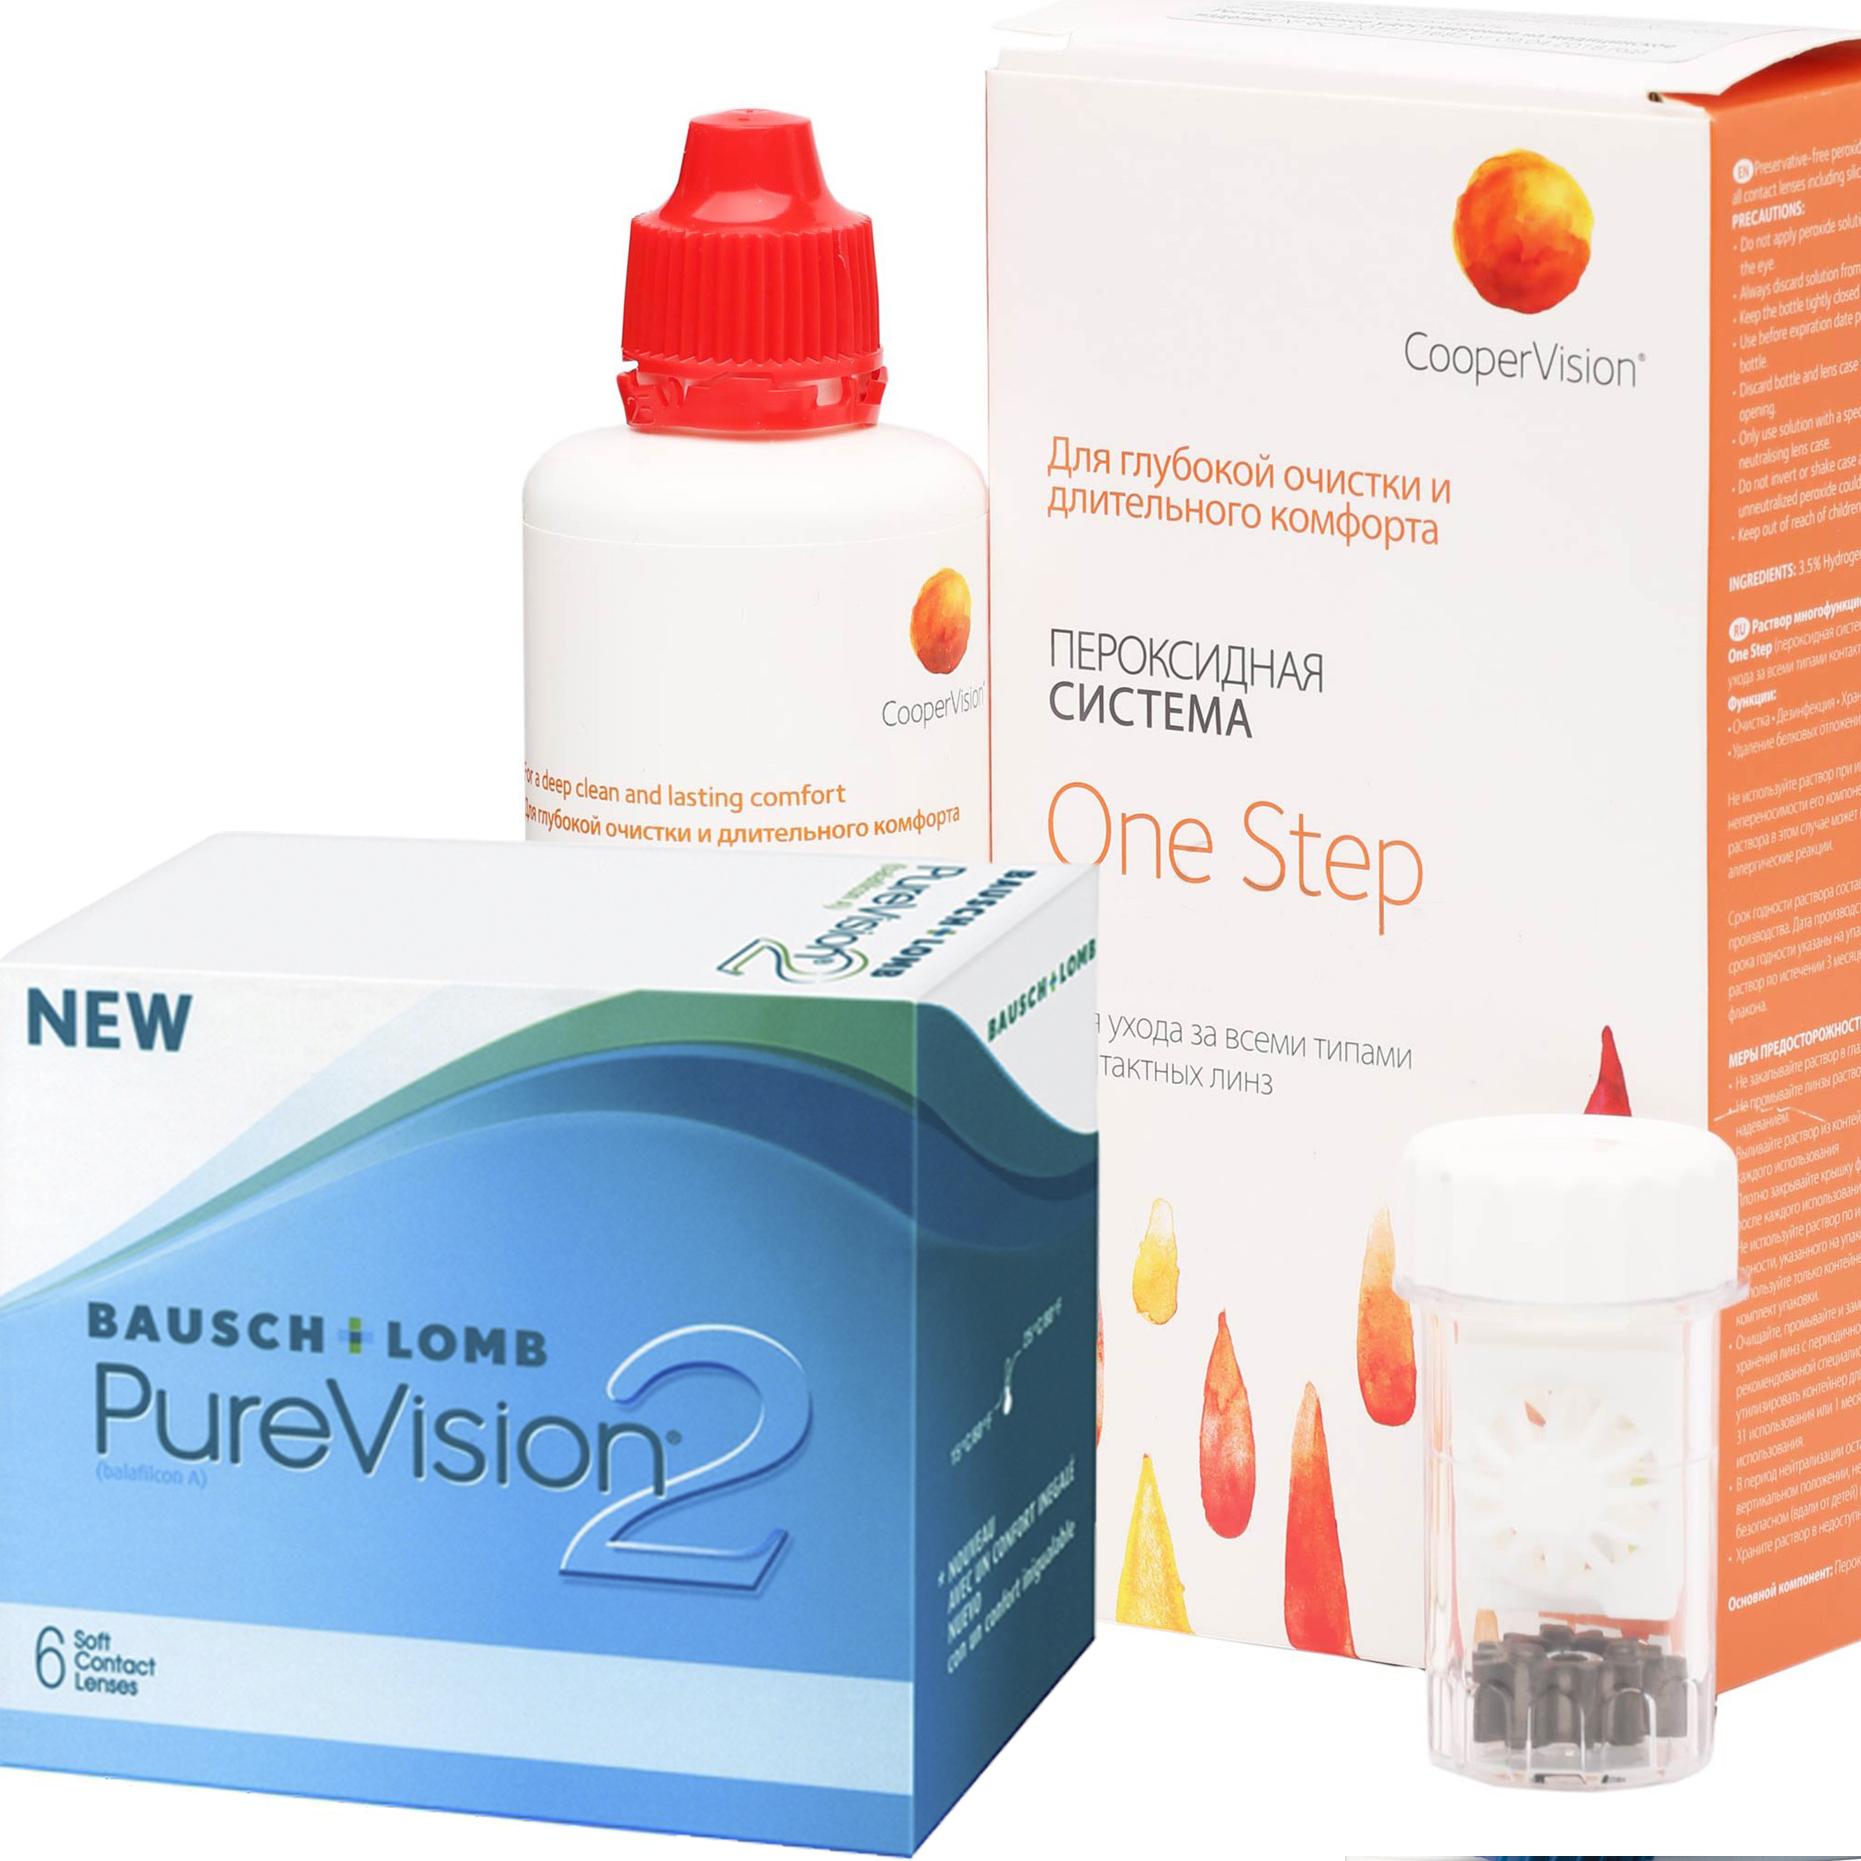 Купить 2 6 линз + One Step, Контактные линзы PureVision 2 6 линз R 8.6 -4, 75 + Раствор One Step 360 мл